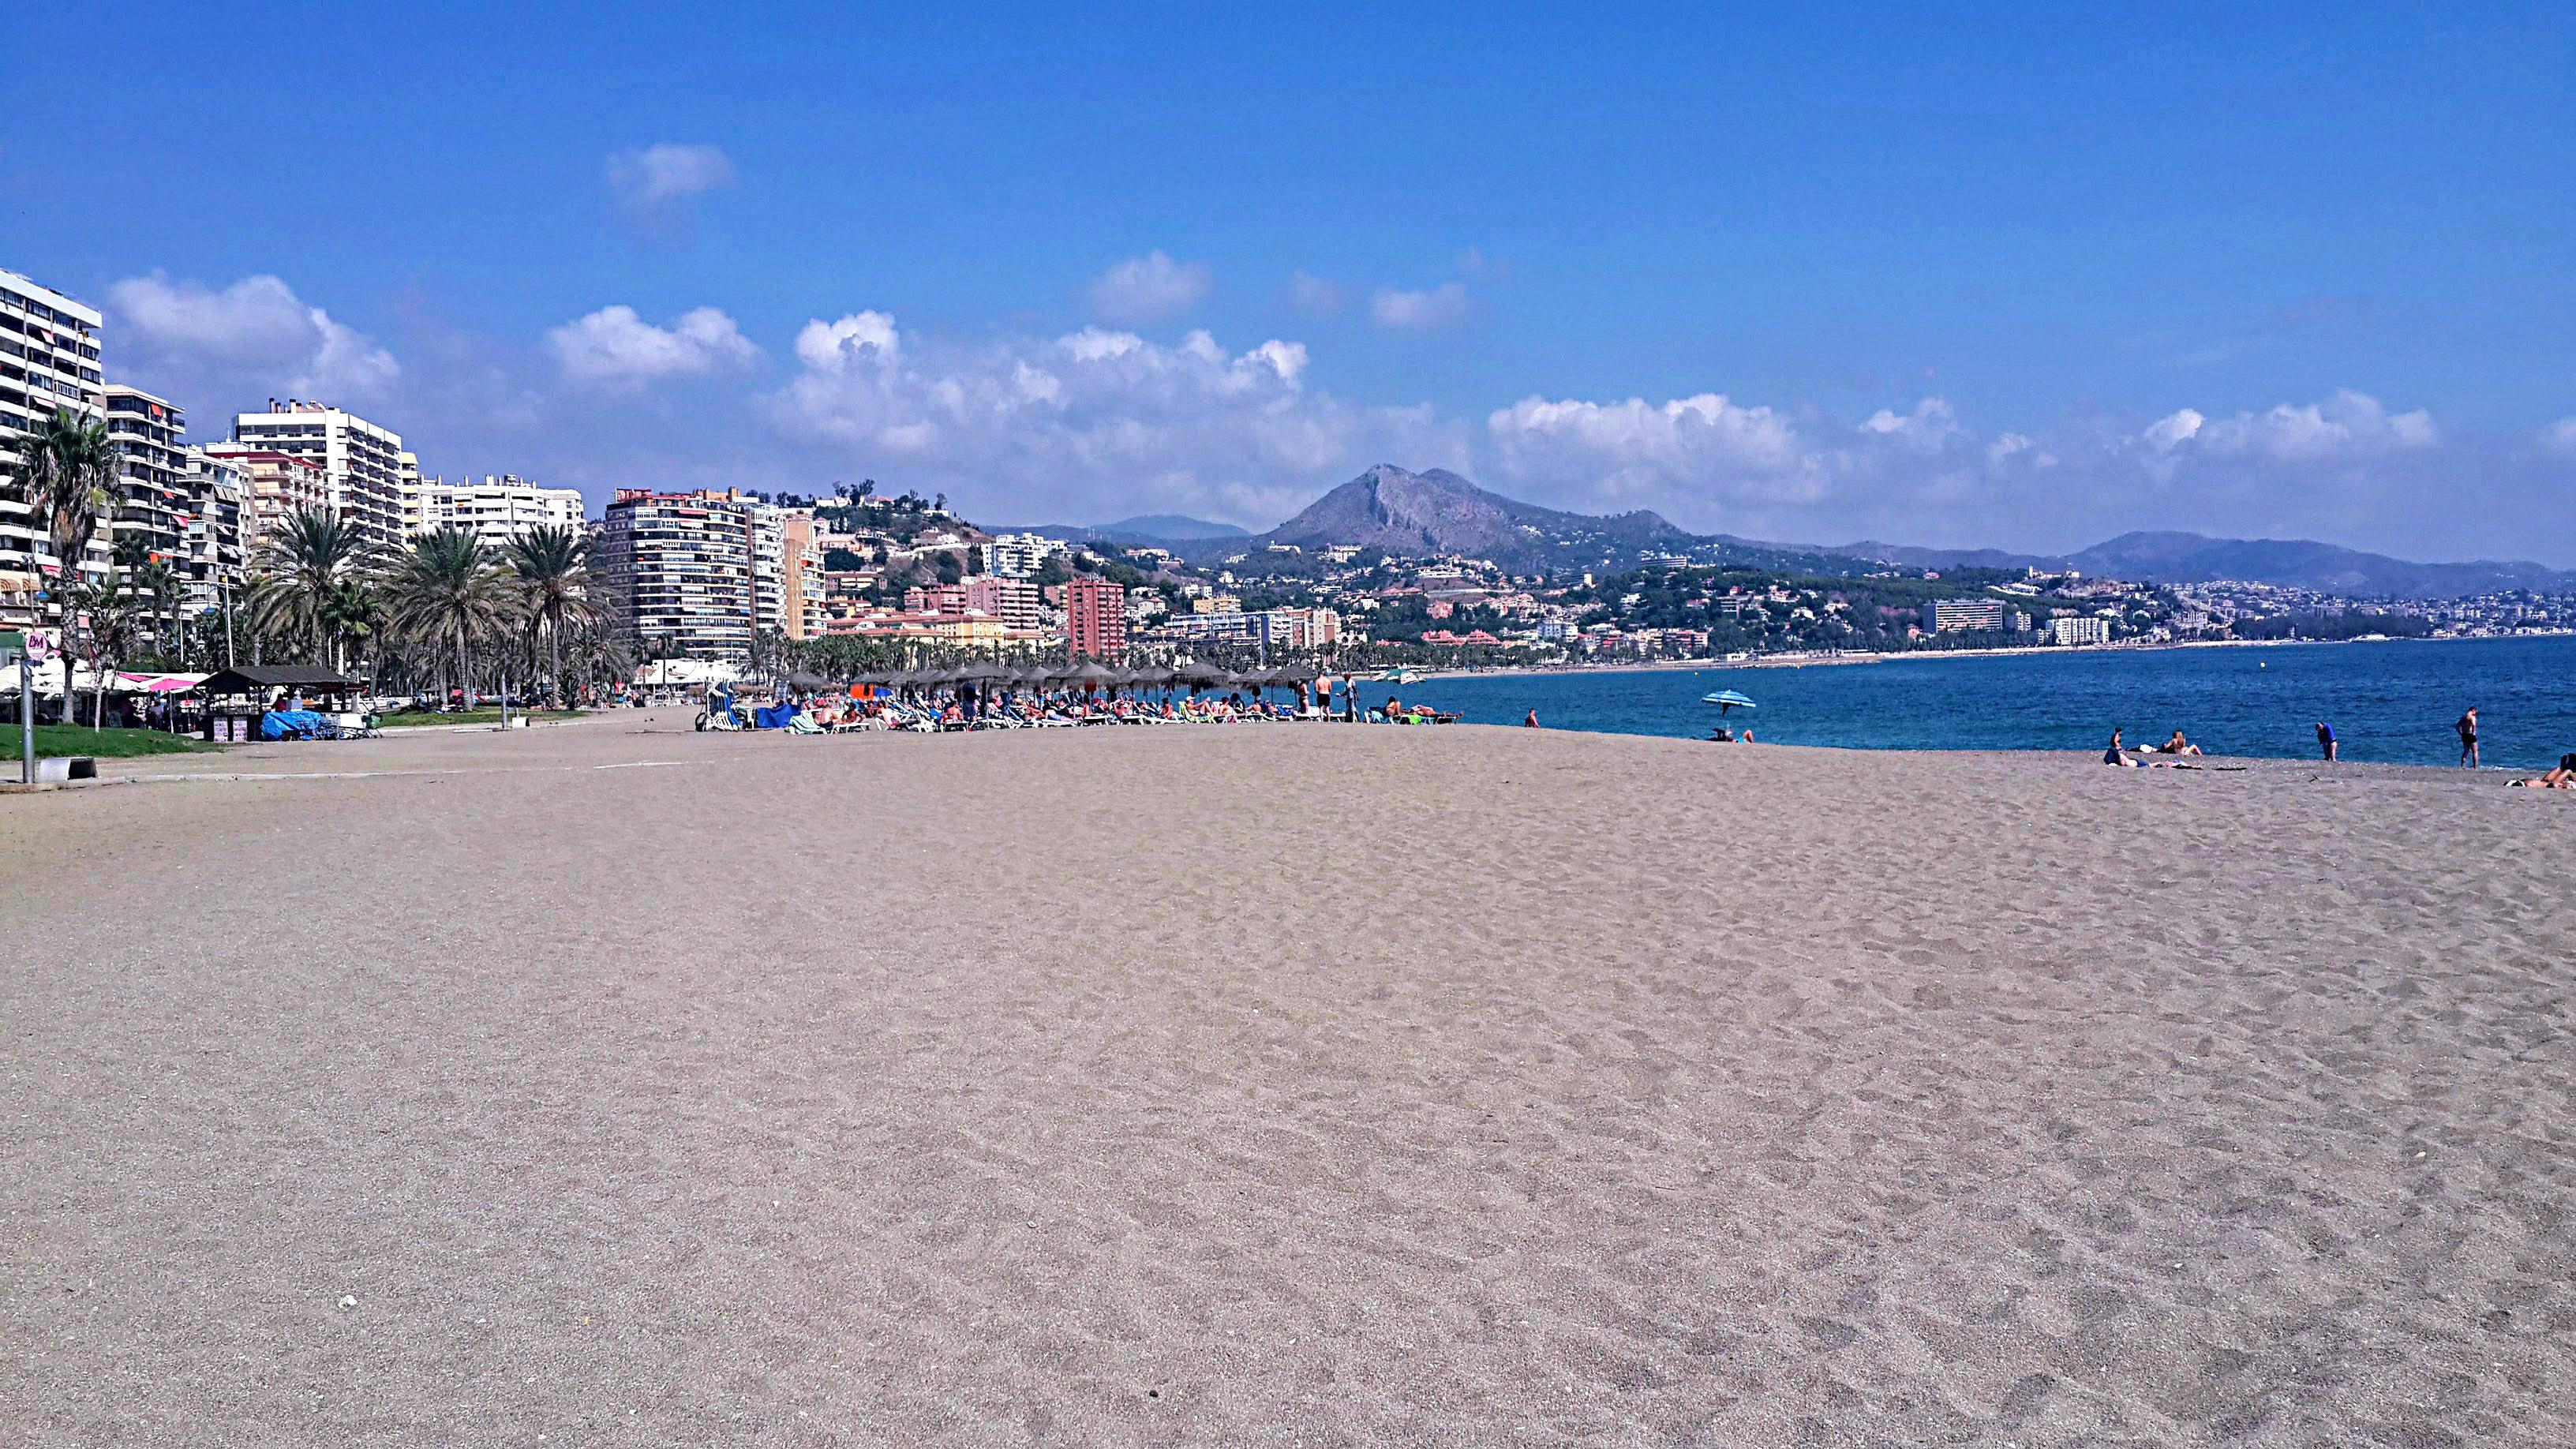 Malaga Beach